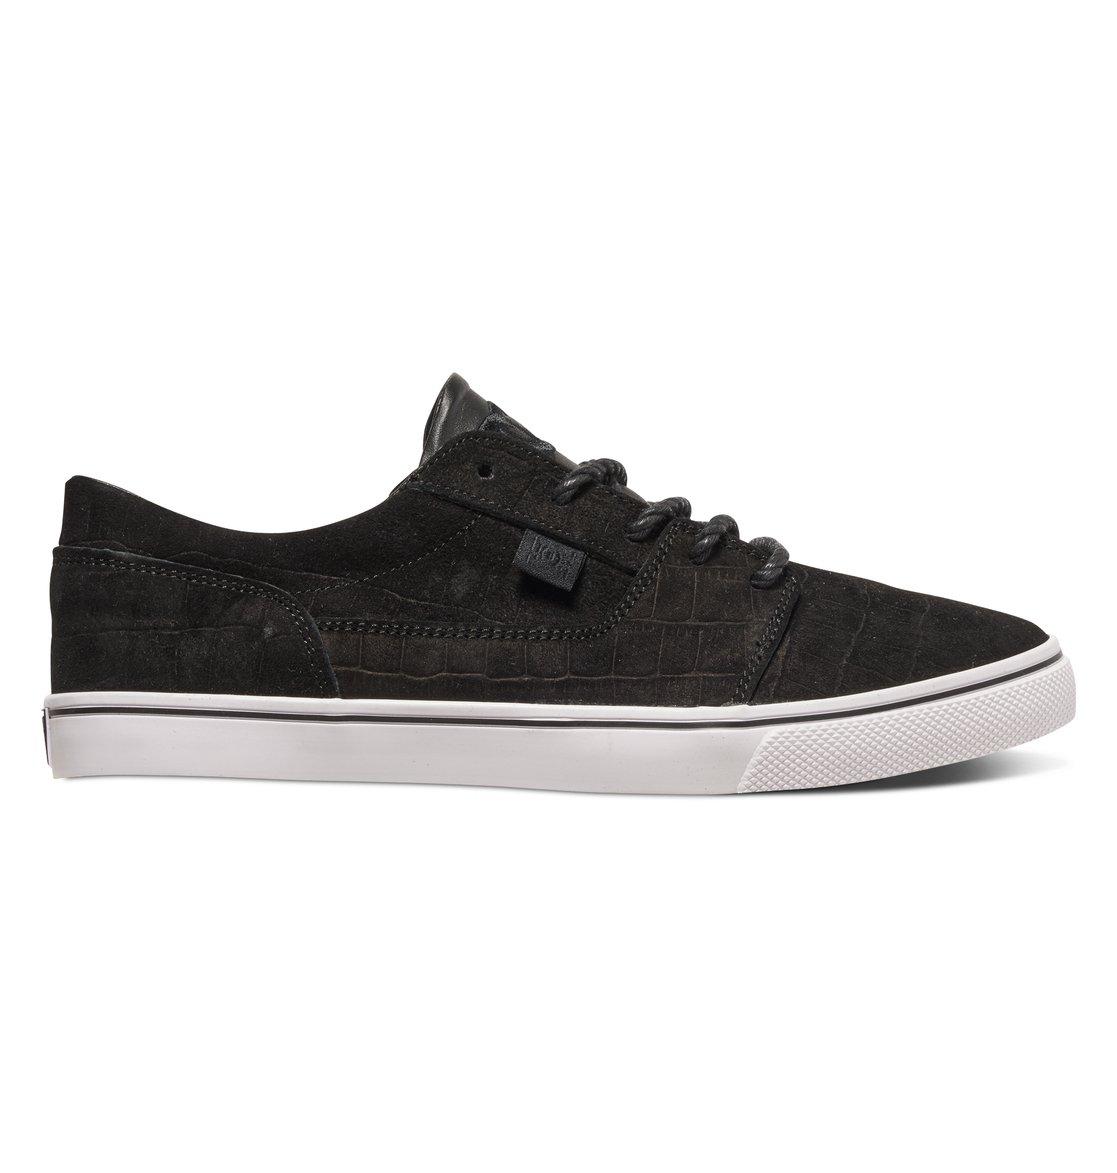 DC Shoes TONIK SHOE Noir eHmok